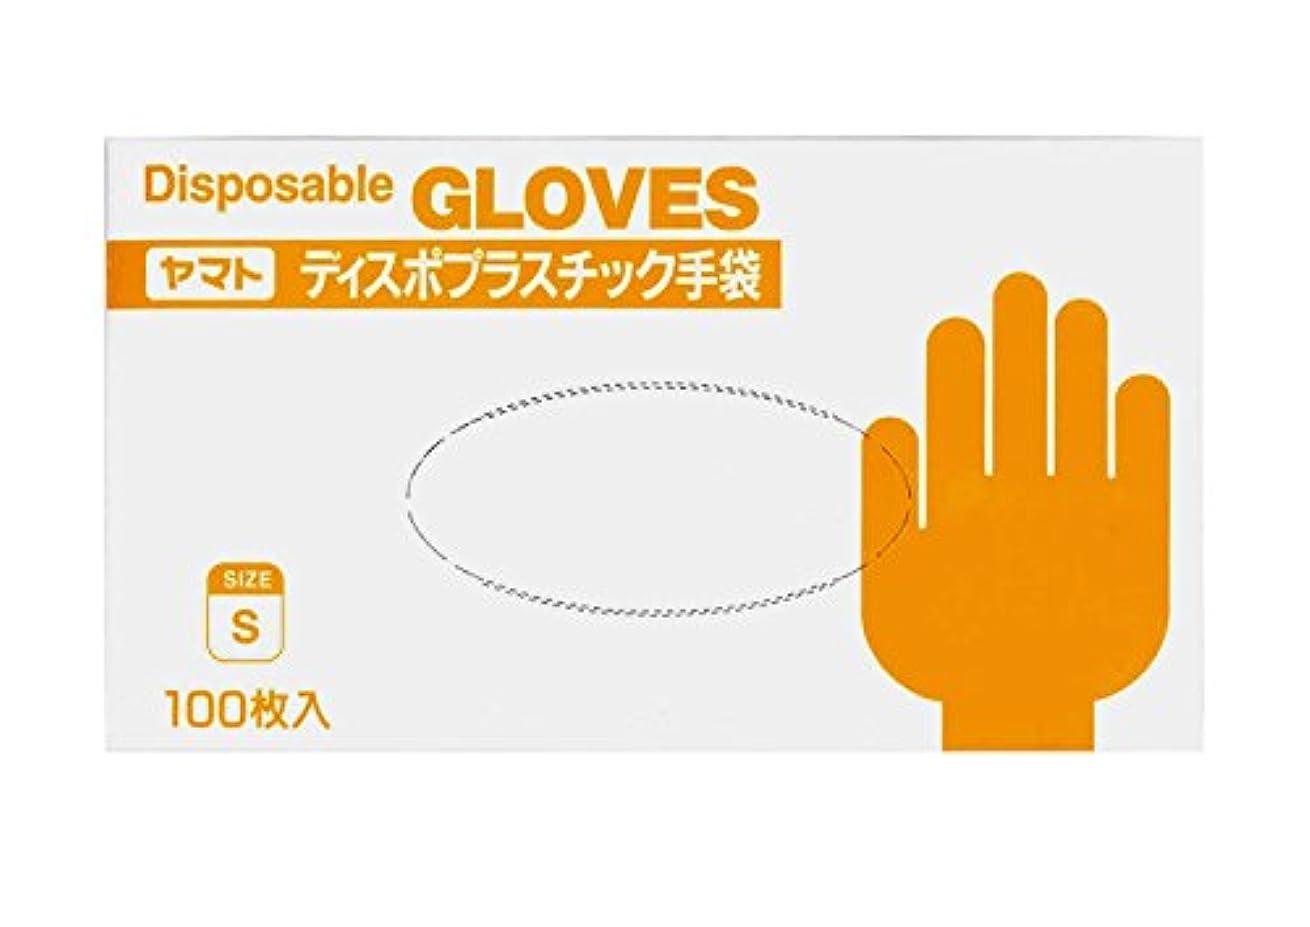 主張減る滝ヤマト ディスポプラスチック手袋 S 100枚入